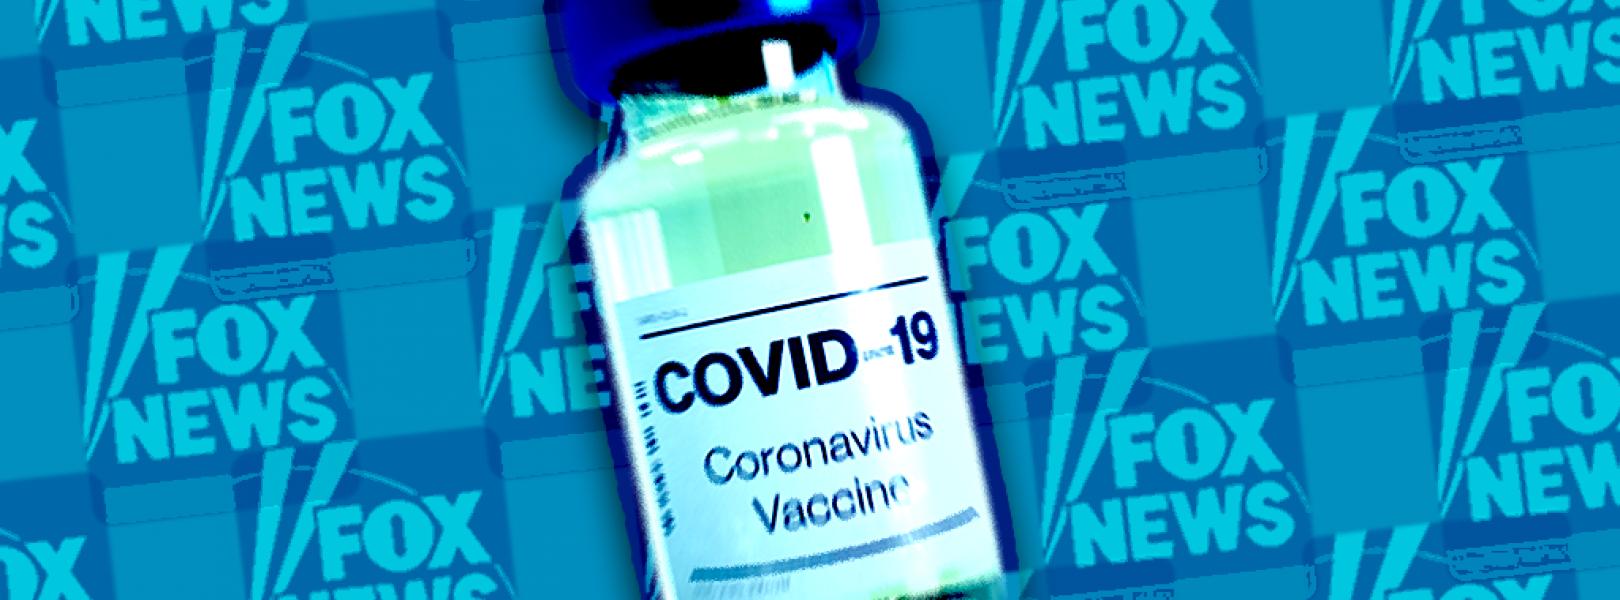 Fox covid vaccine